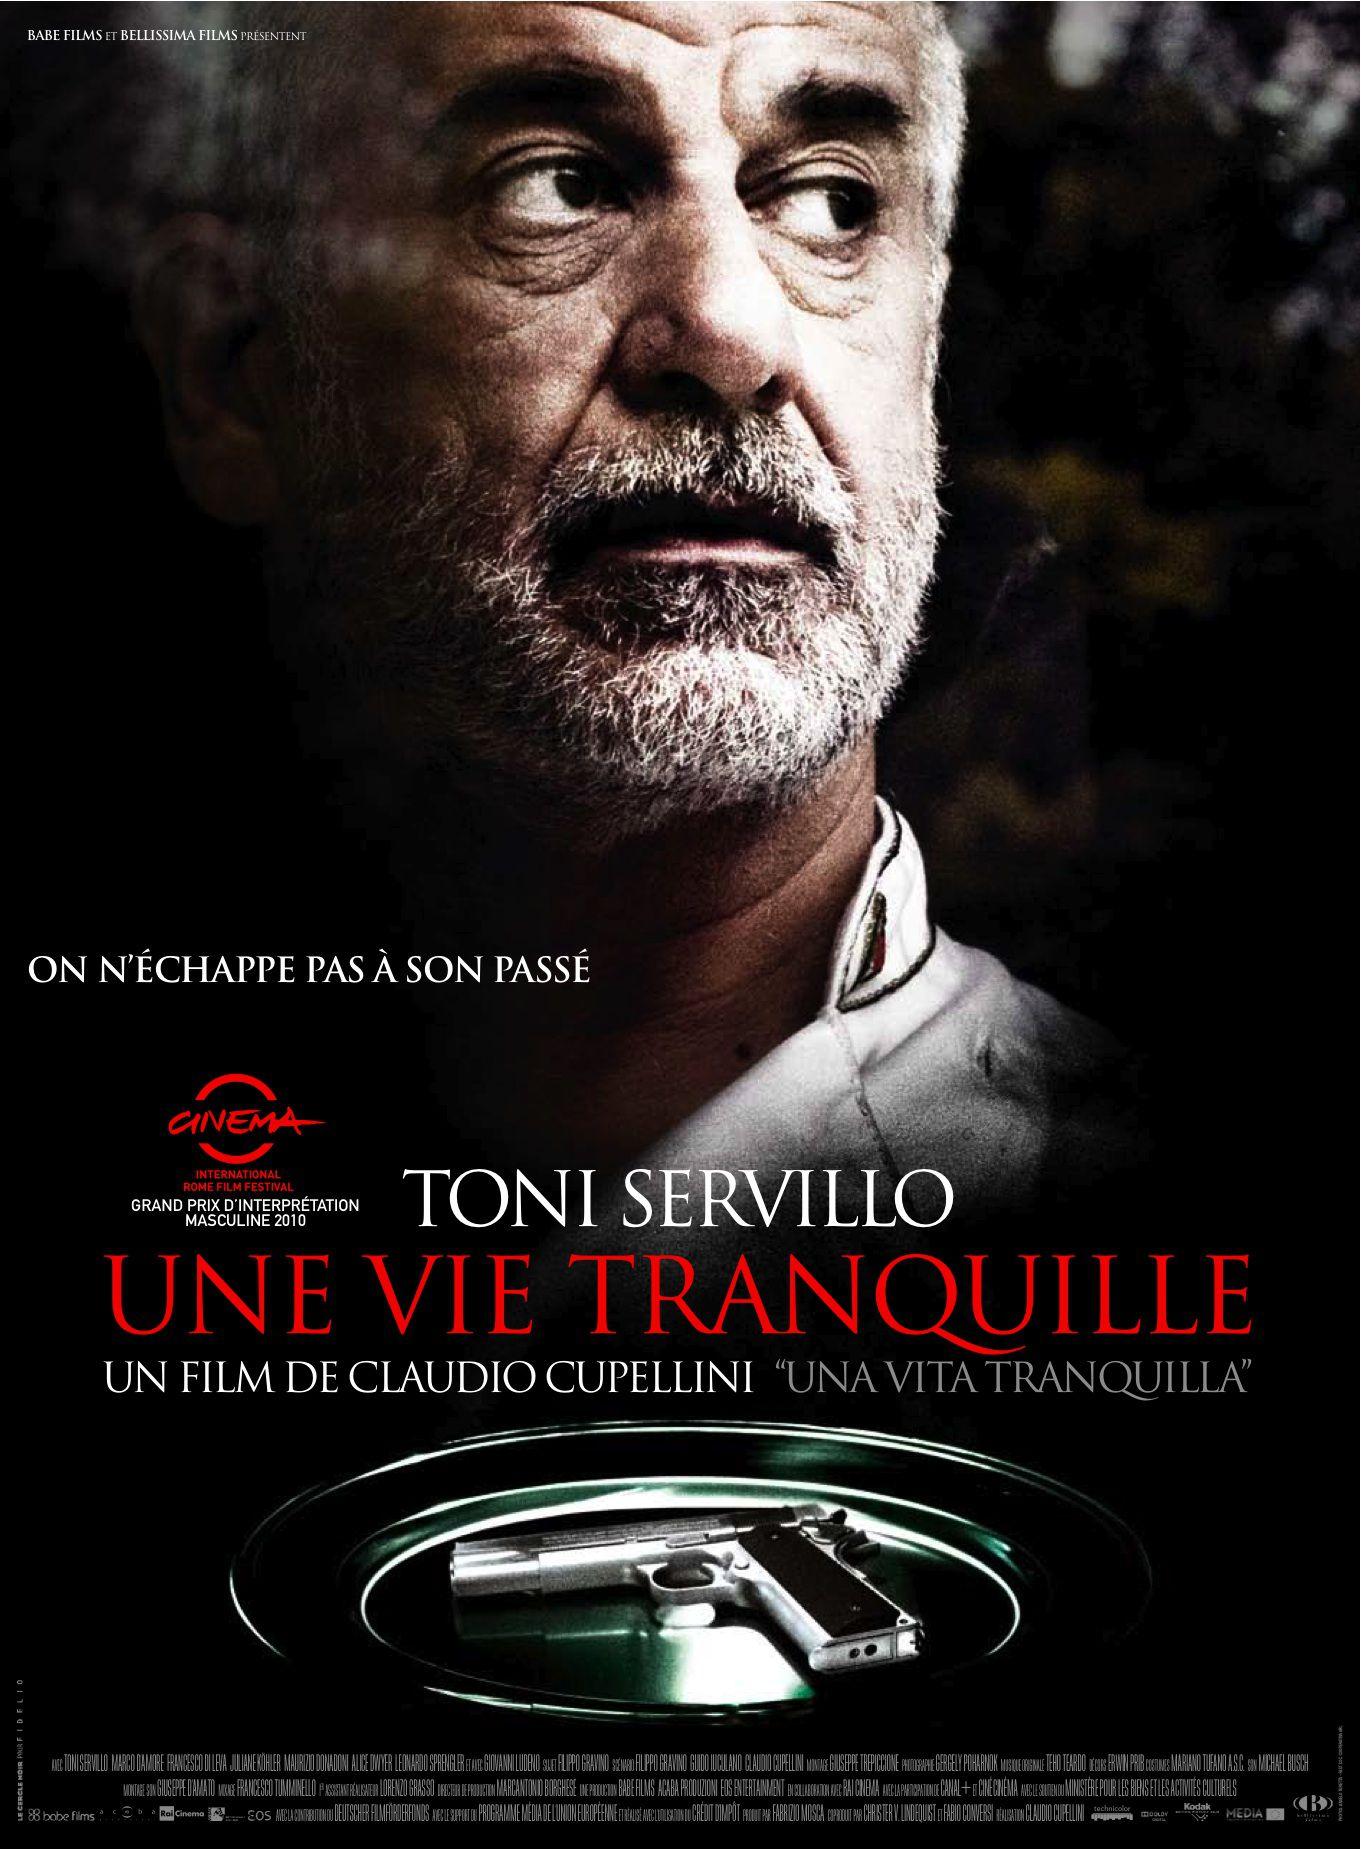 Une vie tranquille - Film (2011)